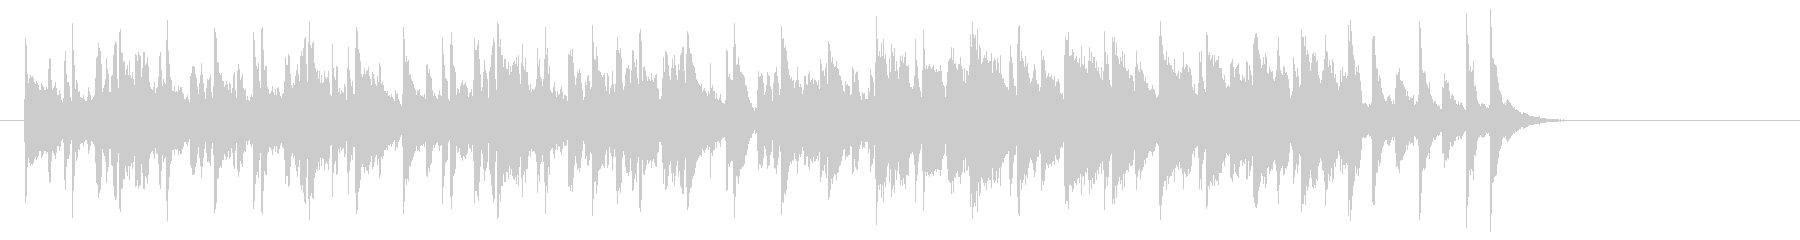 牧場のメルヘンなポップス(A~エンド)の未再生の波形